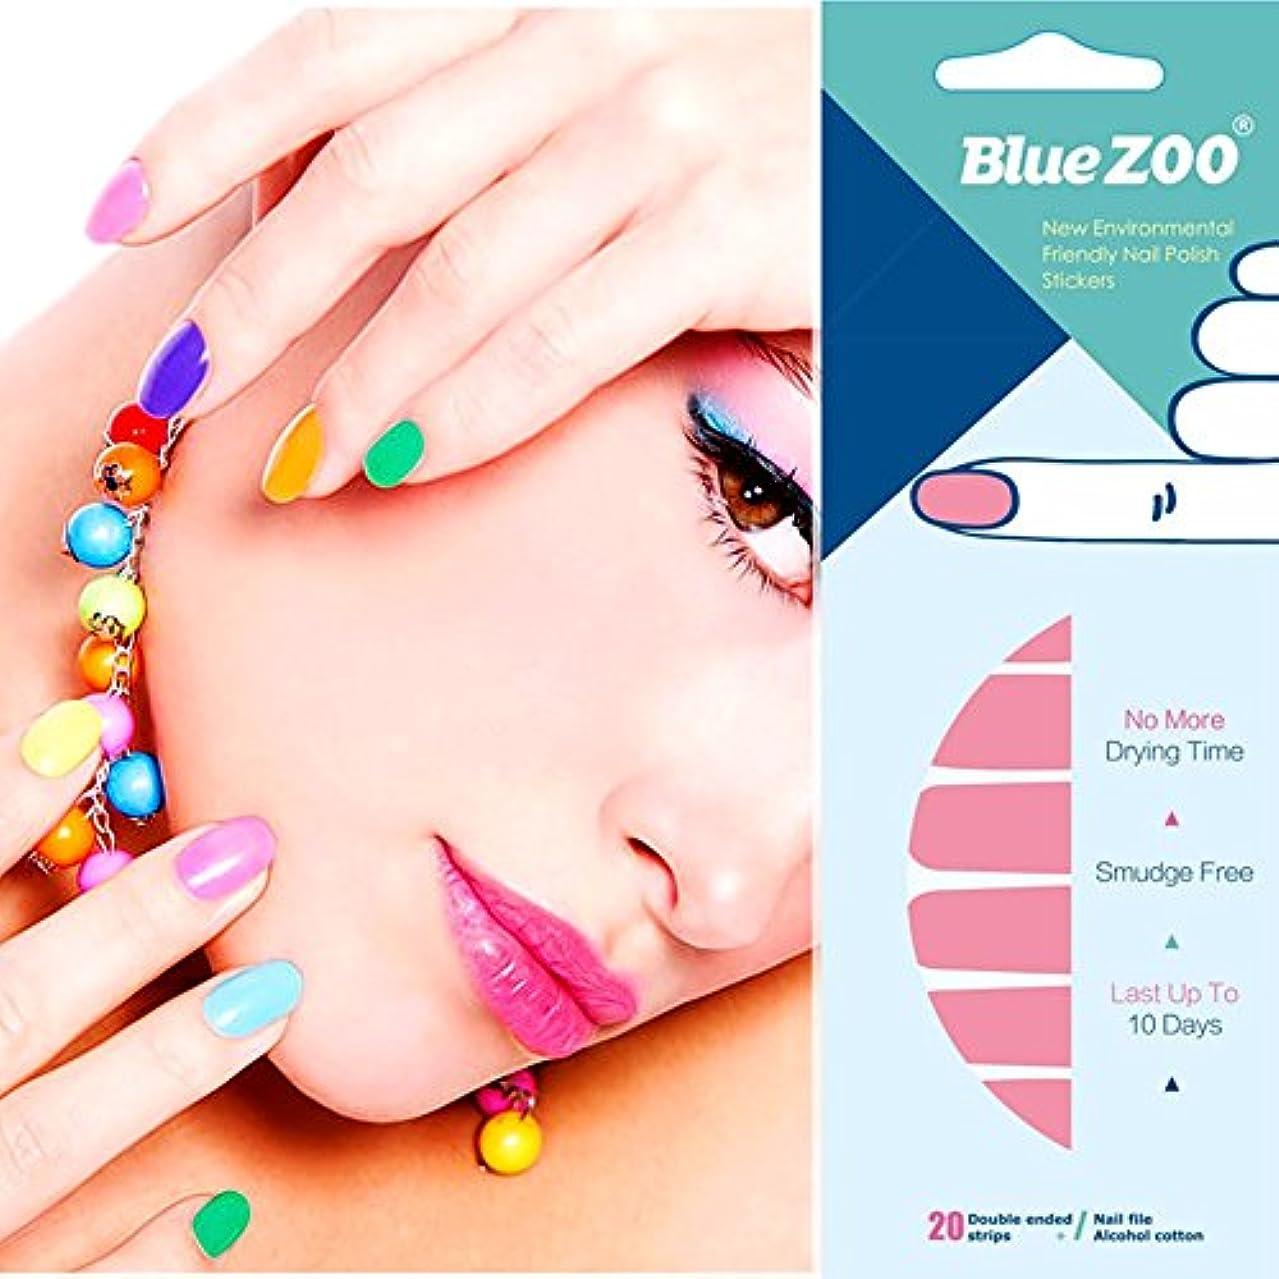 パトロンボウリング広範囲BlueZOO (ブルーズー) ネイル シール ステッカー 高品質の 純色の ネイル ペースト 20個/枚 貼るだけマニキュア